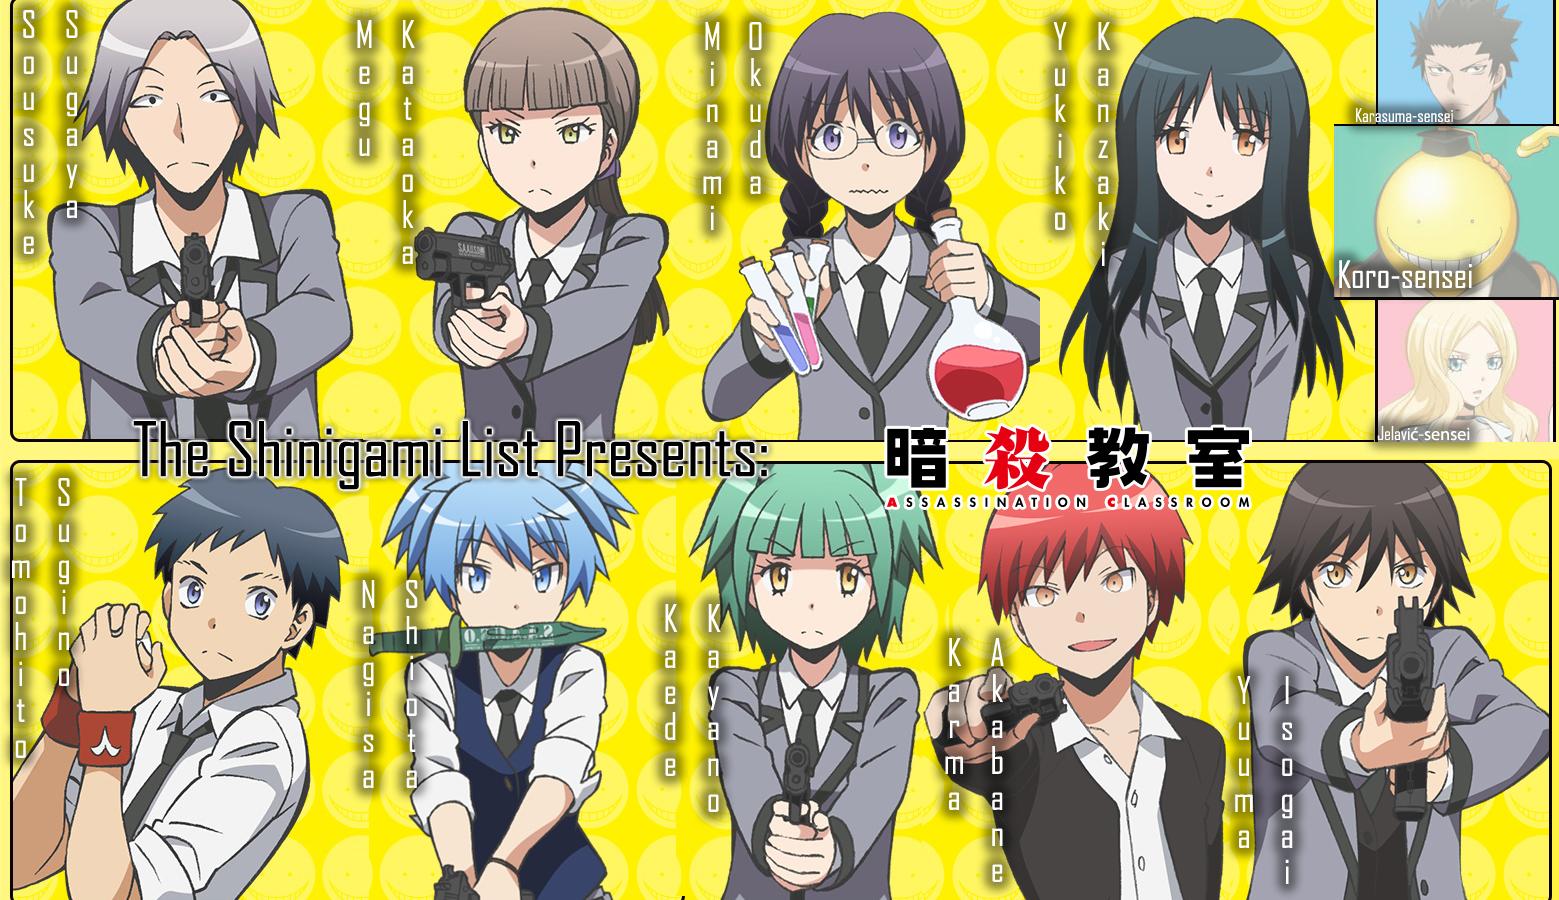 ansatsu-kyoushitsu-characters.jpg